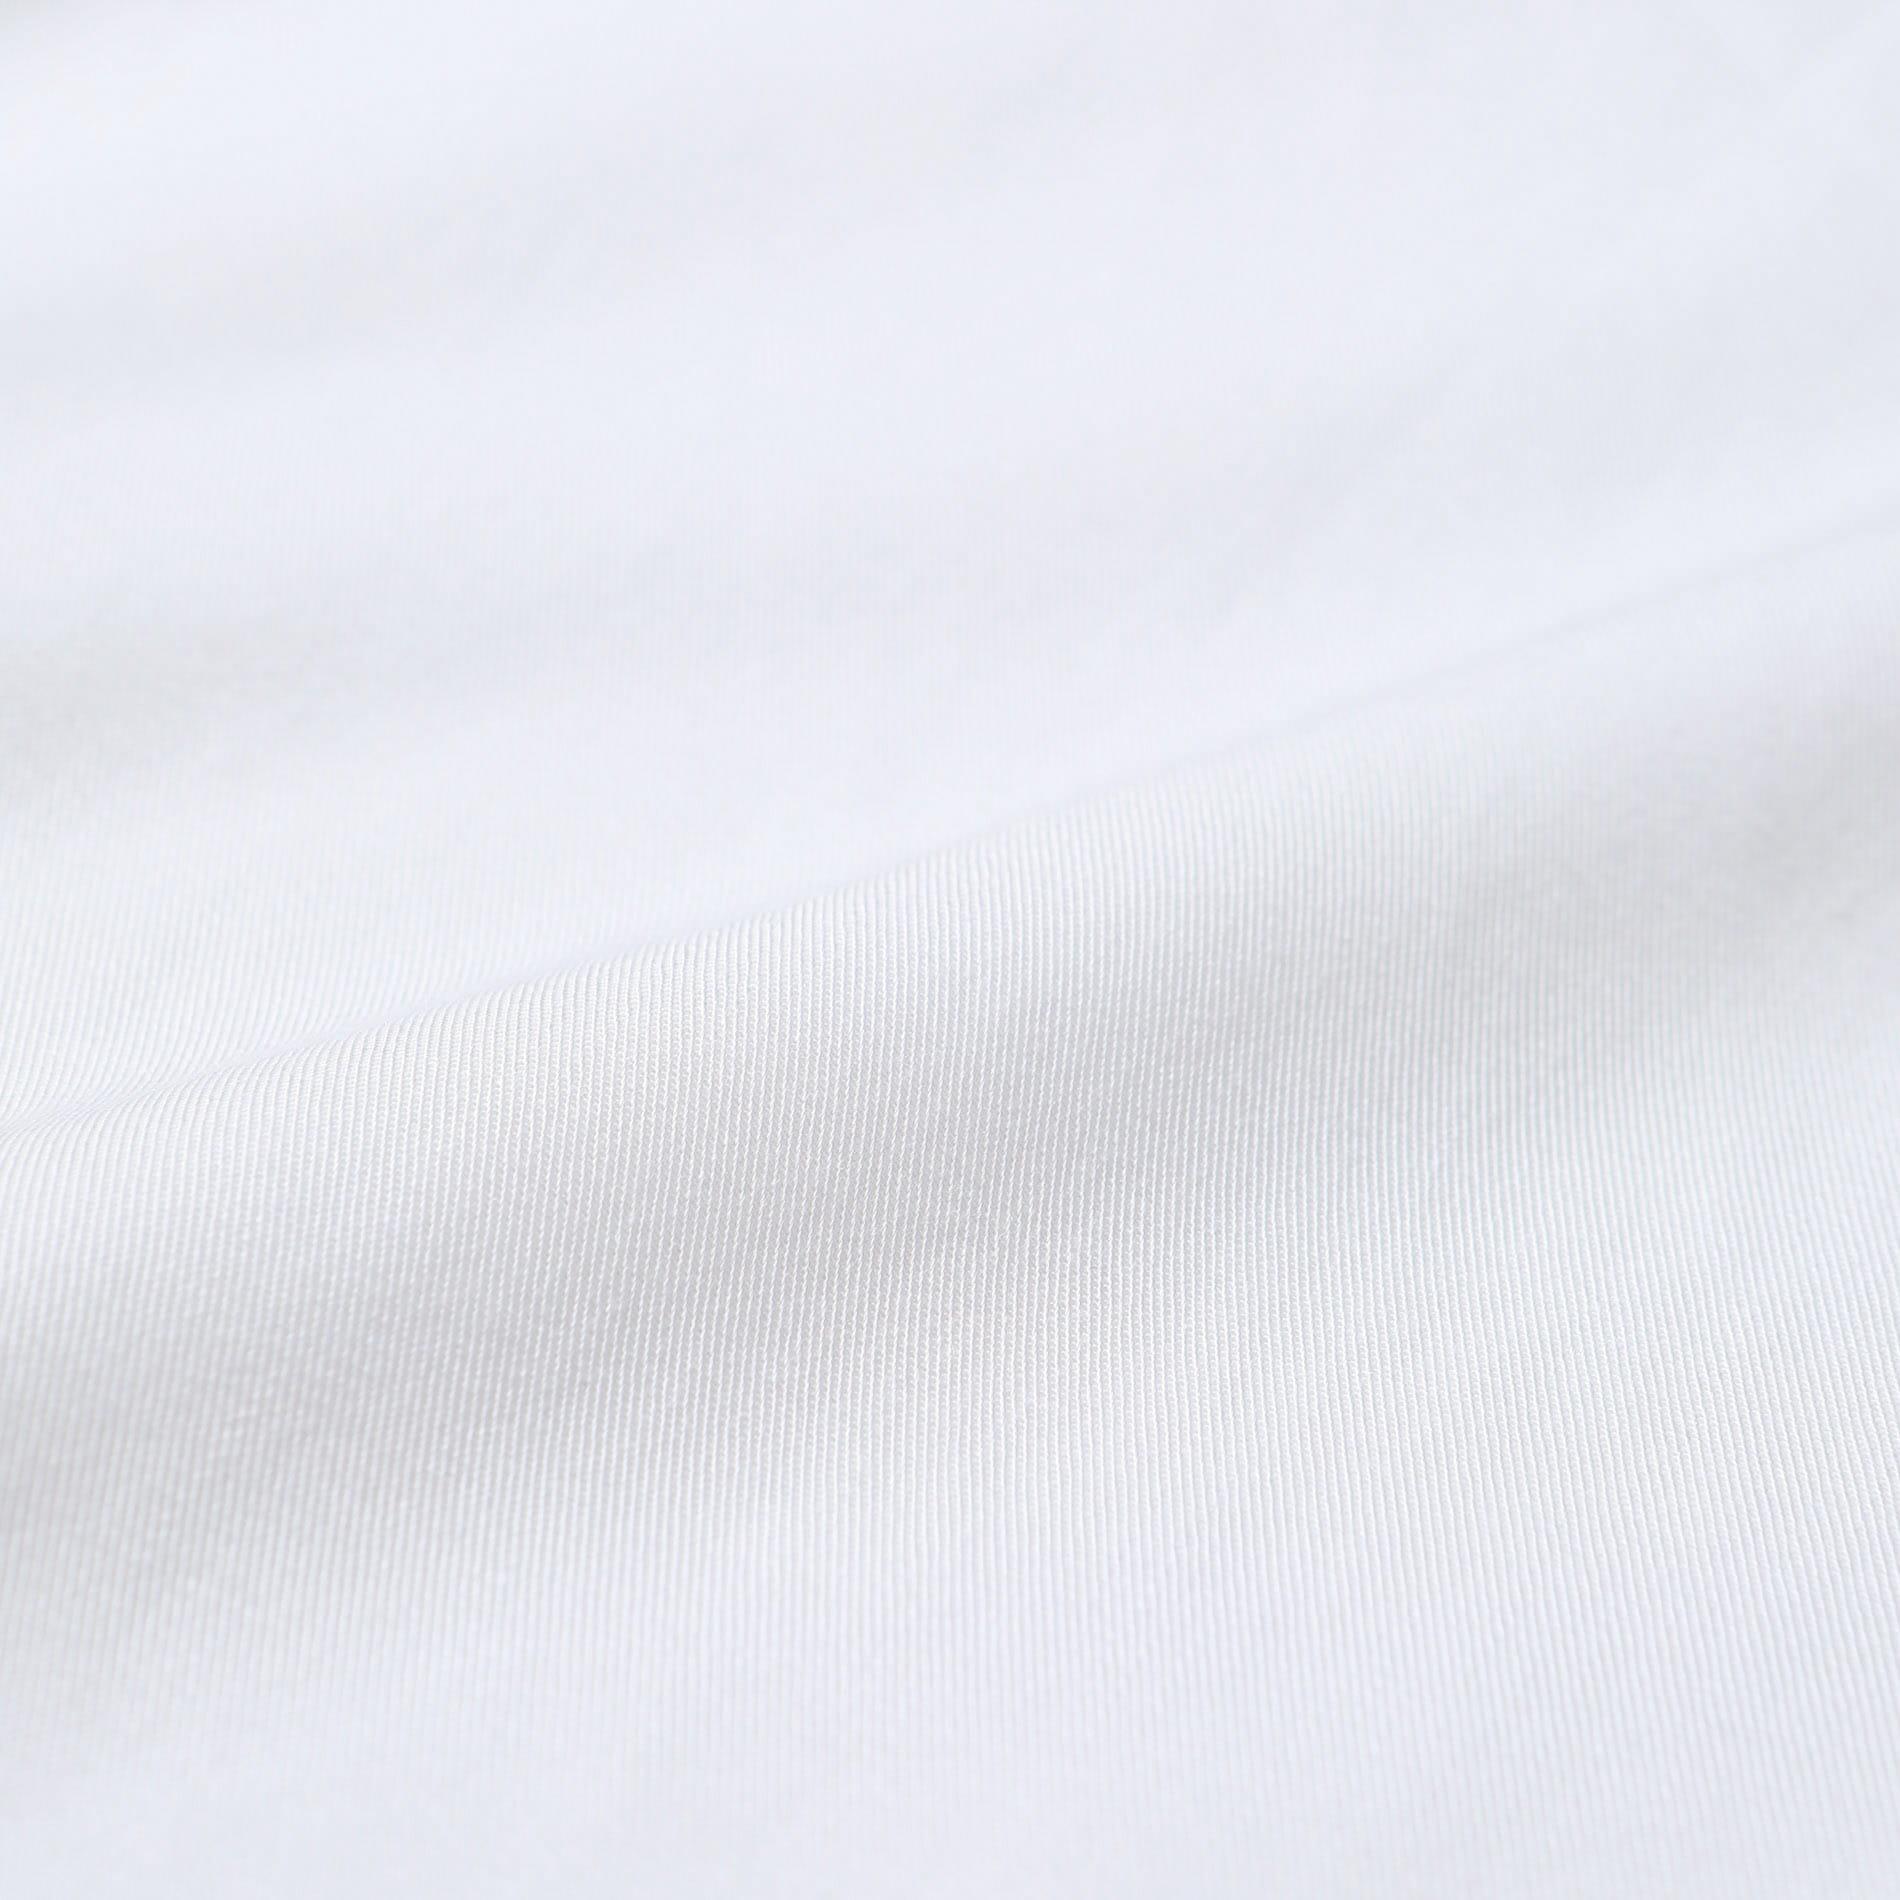 【返品送料無料】ステッチ ホワイト シャツ ワンピ